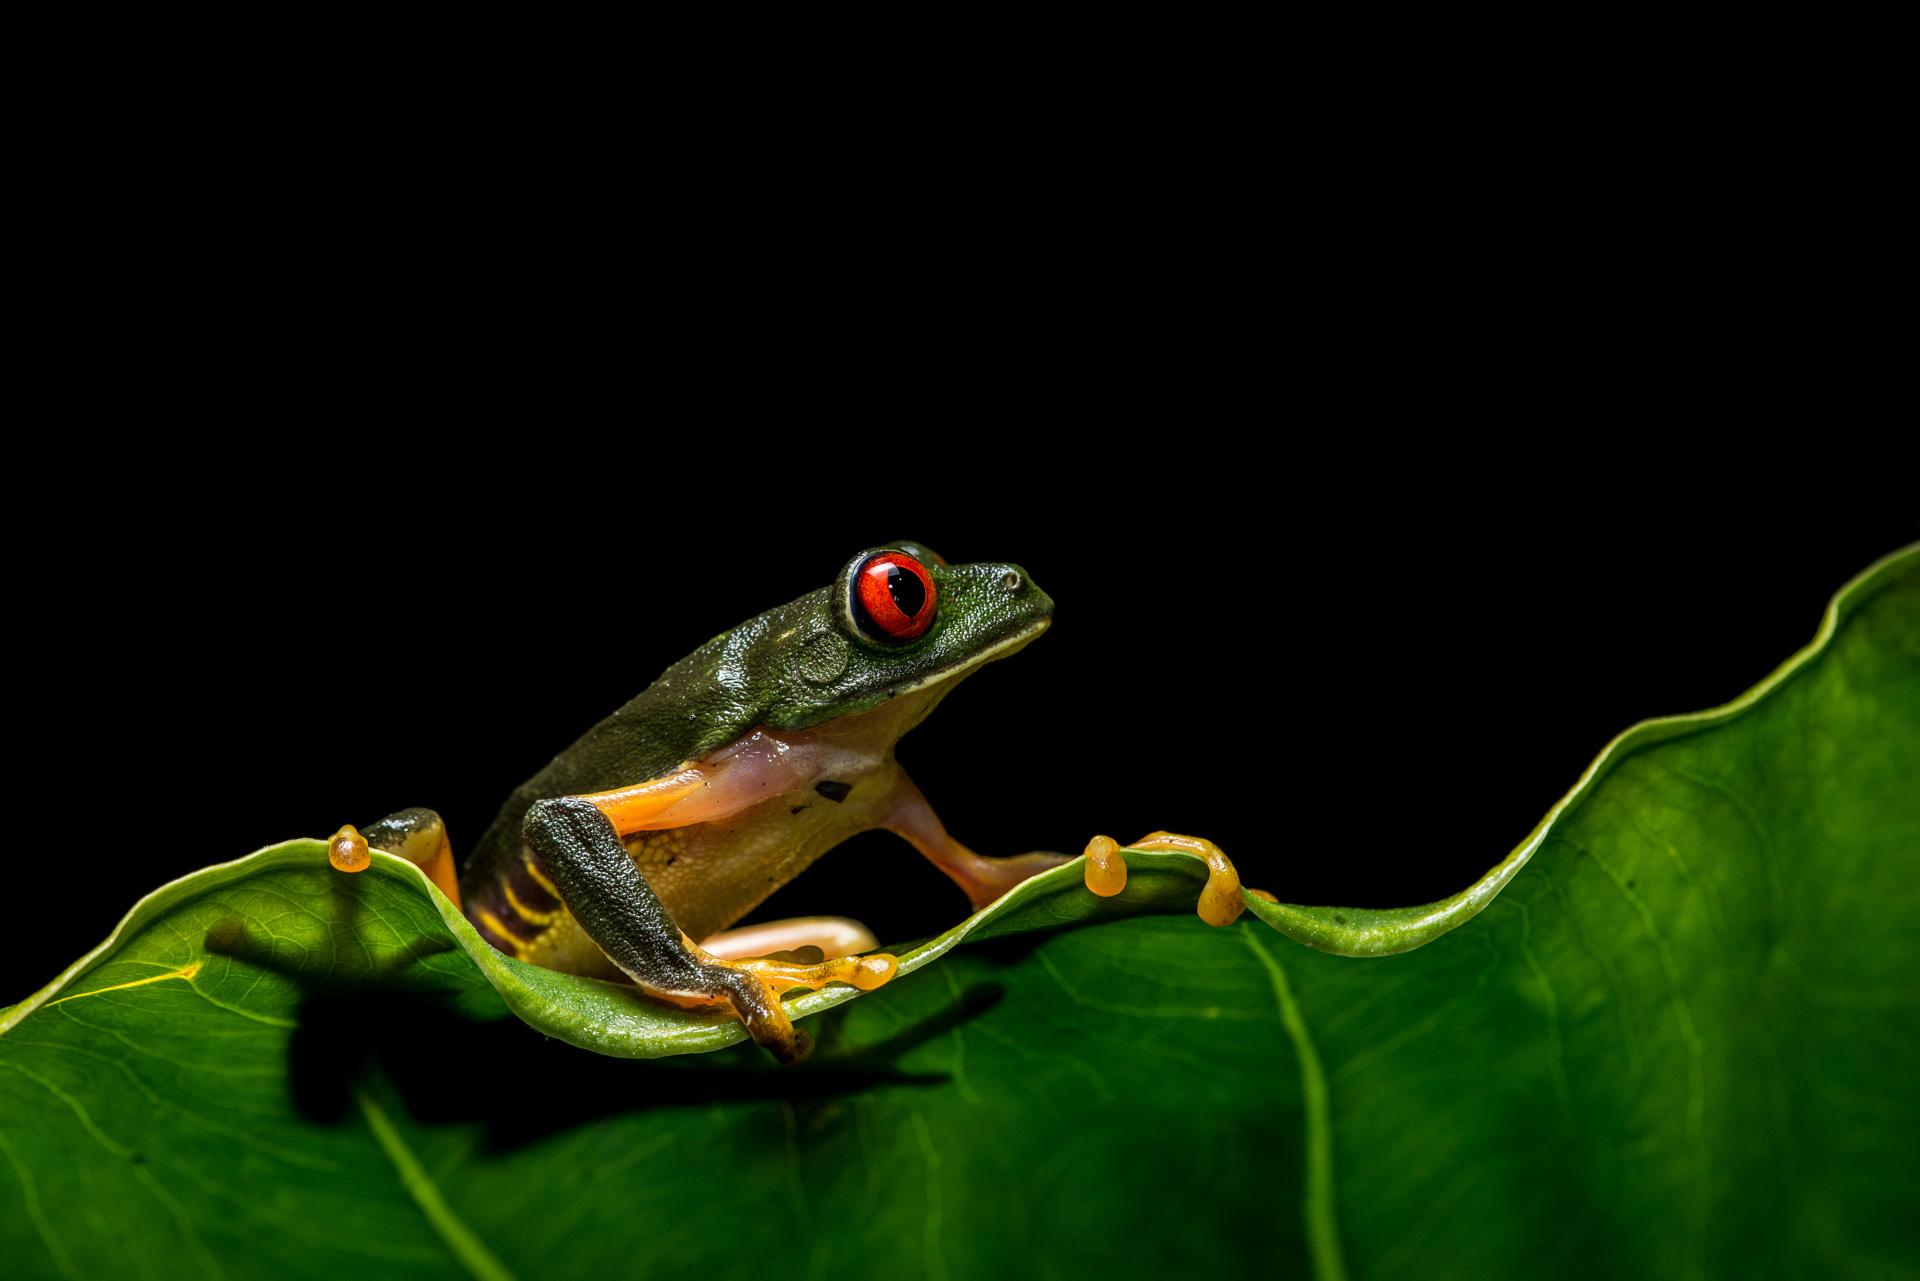 красноярском доме картинки на телефон с жабами фотоателье птичка адрес